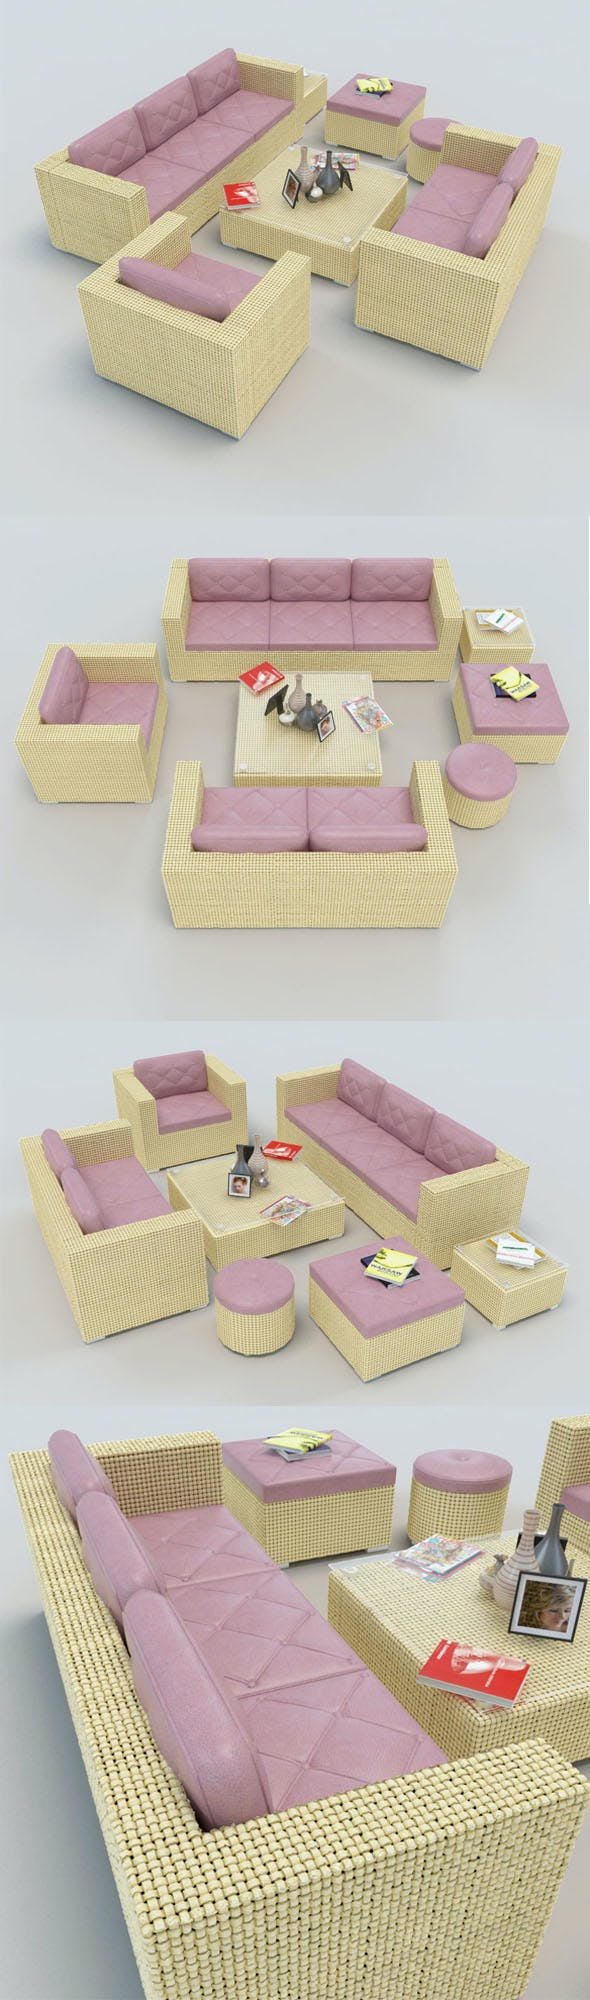 Rattan Sofa set_1 - 3DOcean Item for Sale